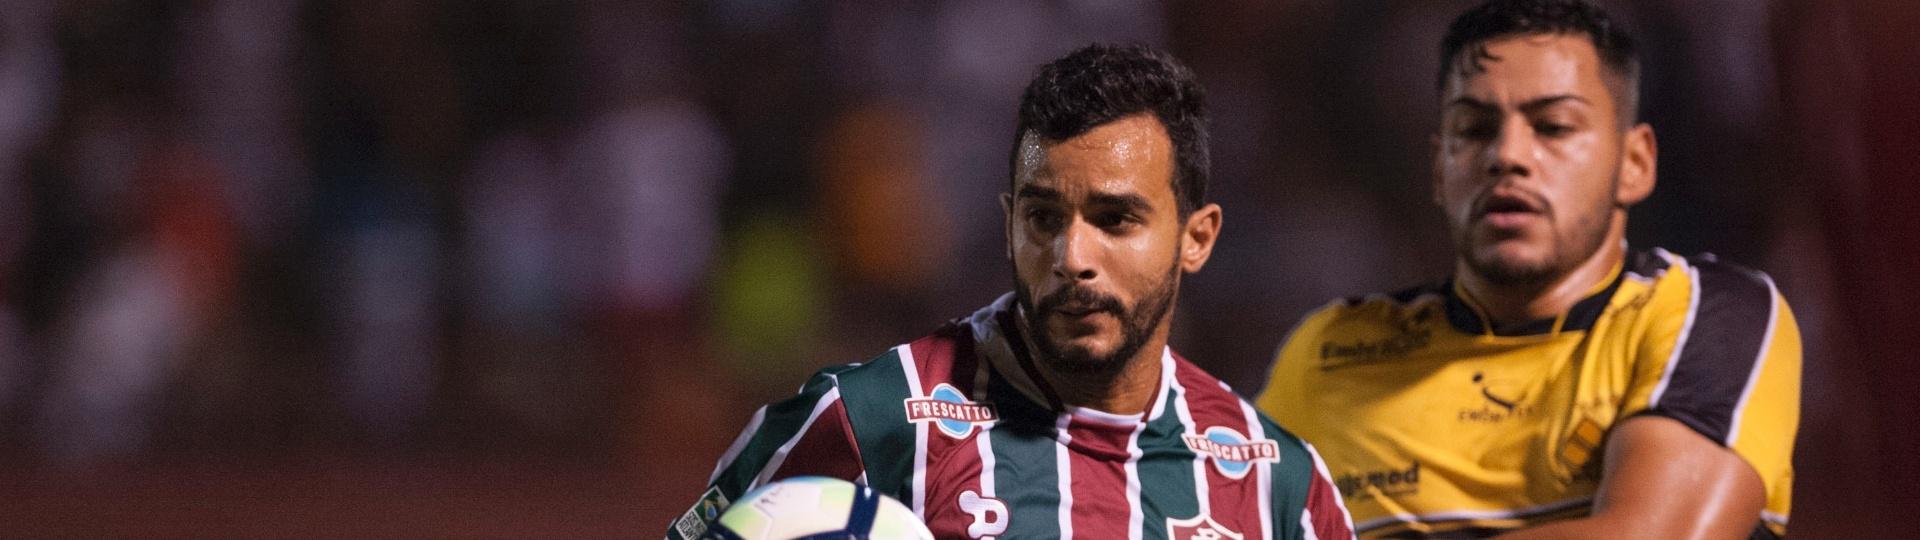 Henrique Dourado, do Fluminense, tenta dominar a bola marcado por rival do Criciúma, em duelo da Copa do Brasil